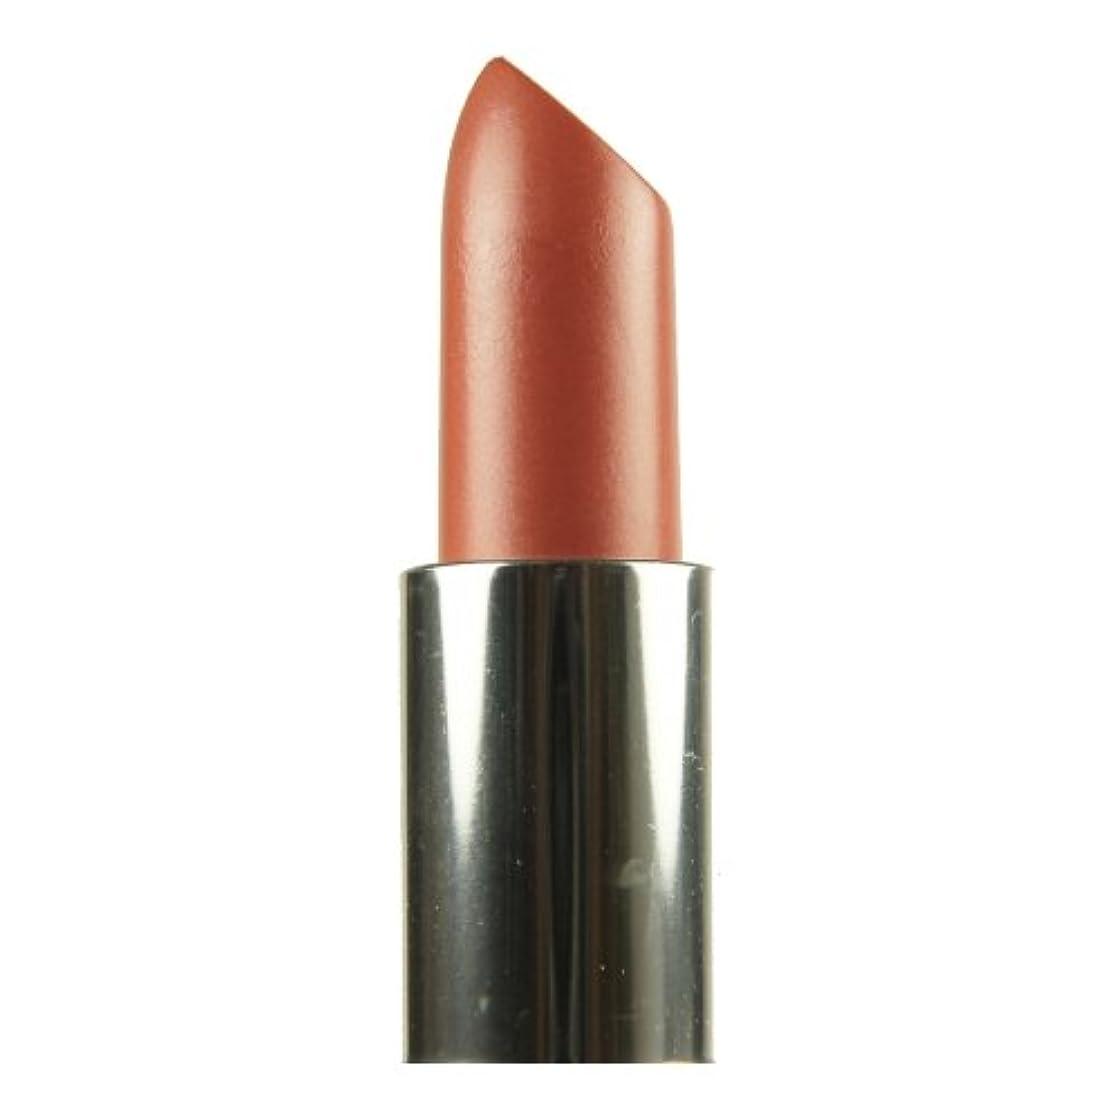 失われた韓国前兆(3 Pack) RIMMEL LONDON Lasting Finish Intense Wear Lipstick - Paradise (並行輸入品)